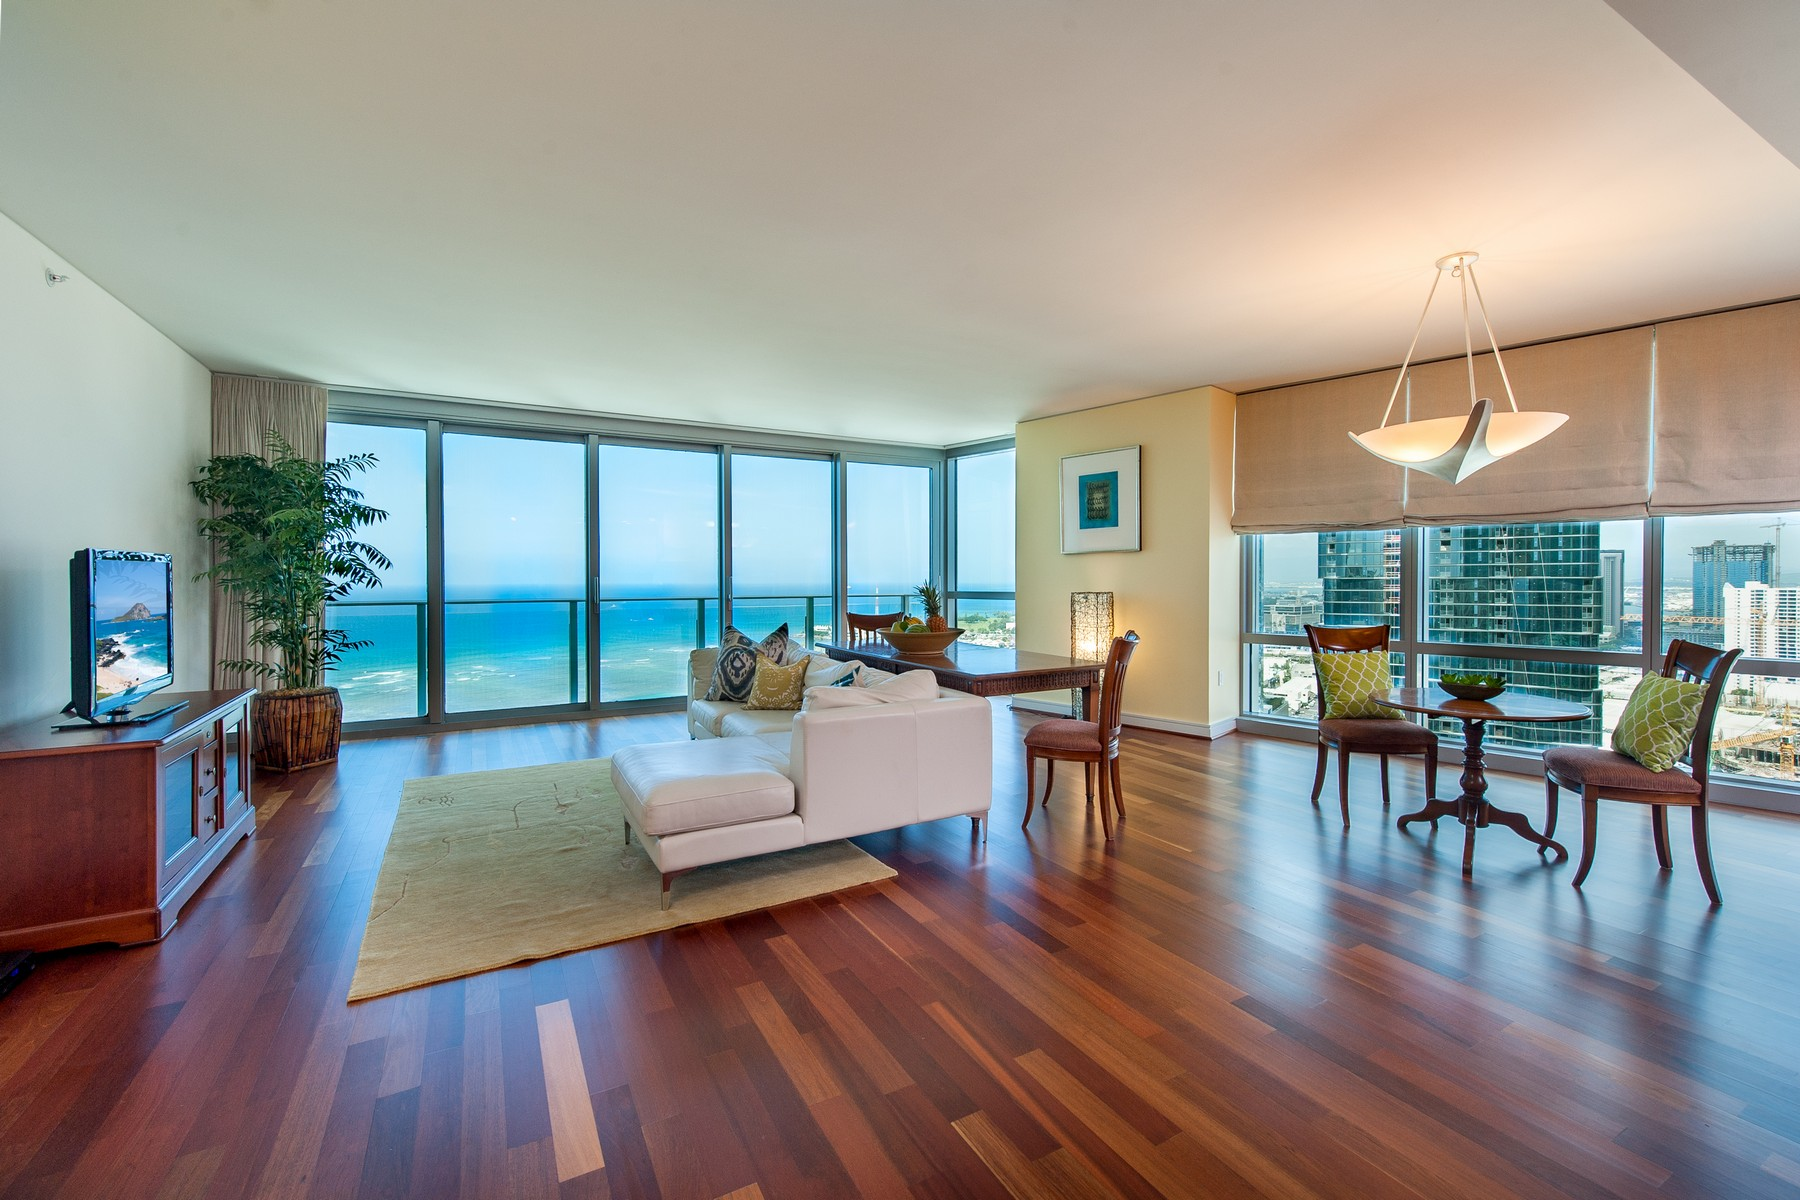 Condominiums 为 销售 在 Ocean Views 1288 Ala Moana Blvd #29A 火奴鲁鲁, 夏威夷 96814 美国